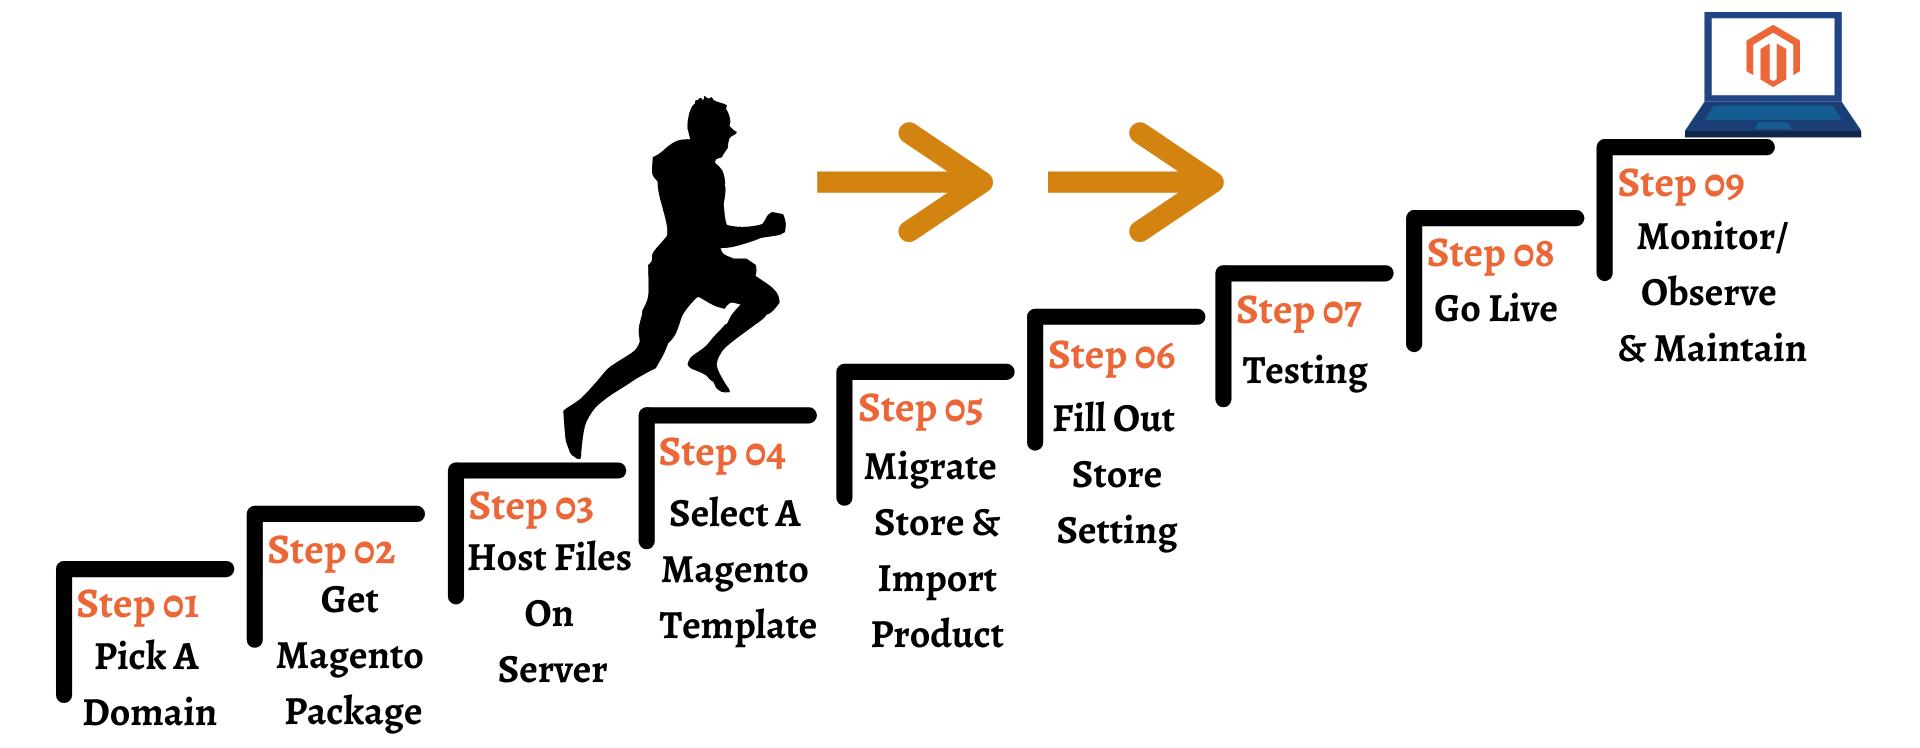 Process_of_Setup.png